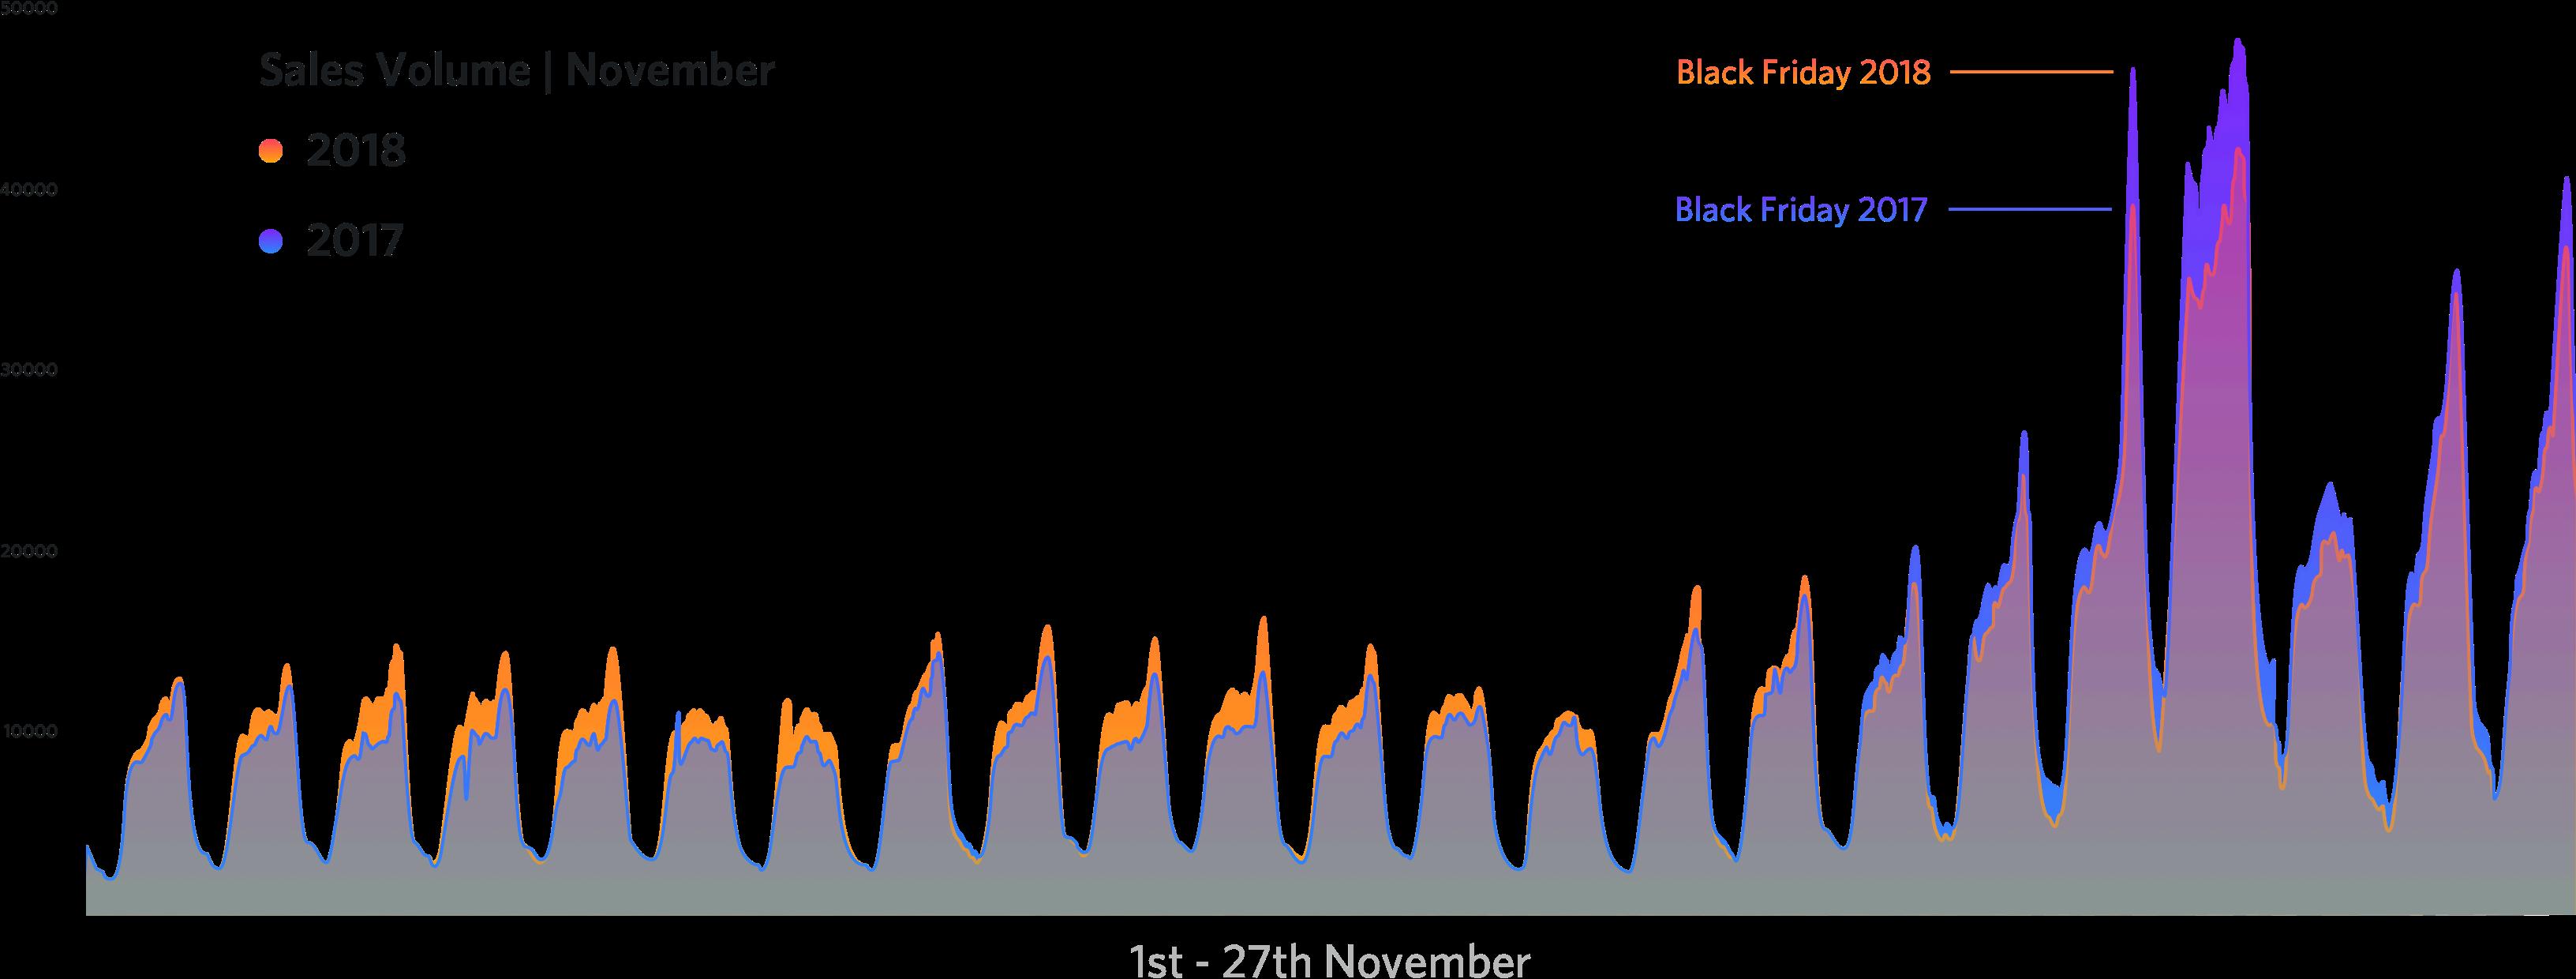 Volume di vendite nel mese di novembre: 2018 vs 2017.